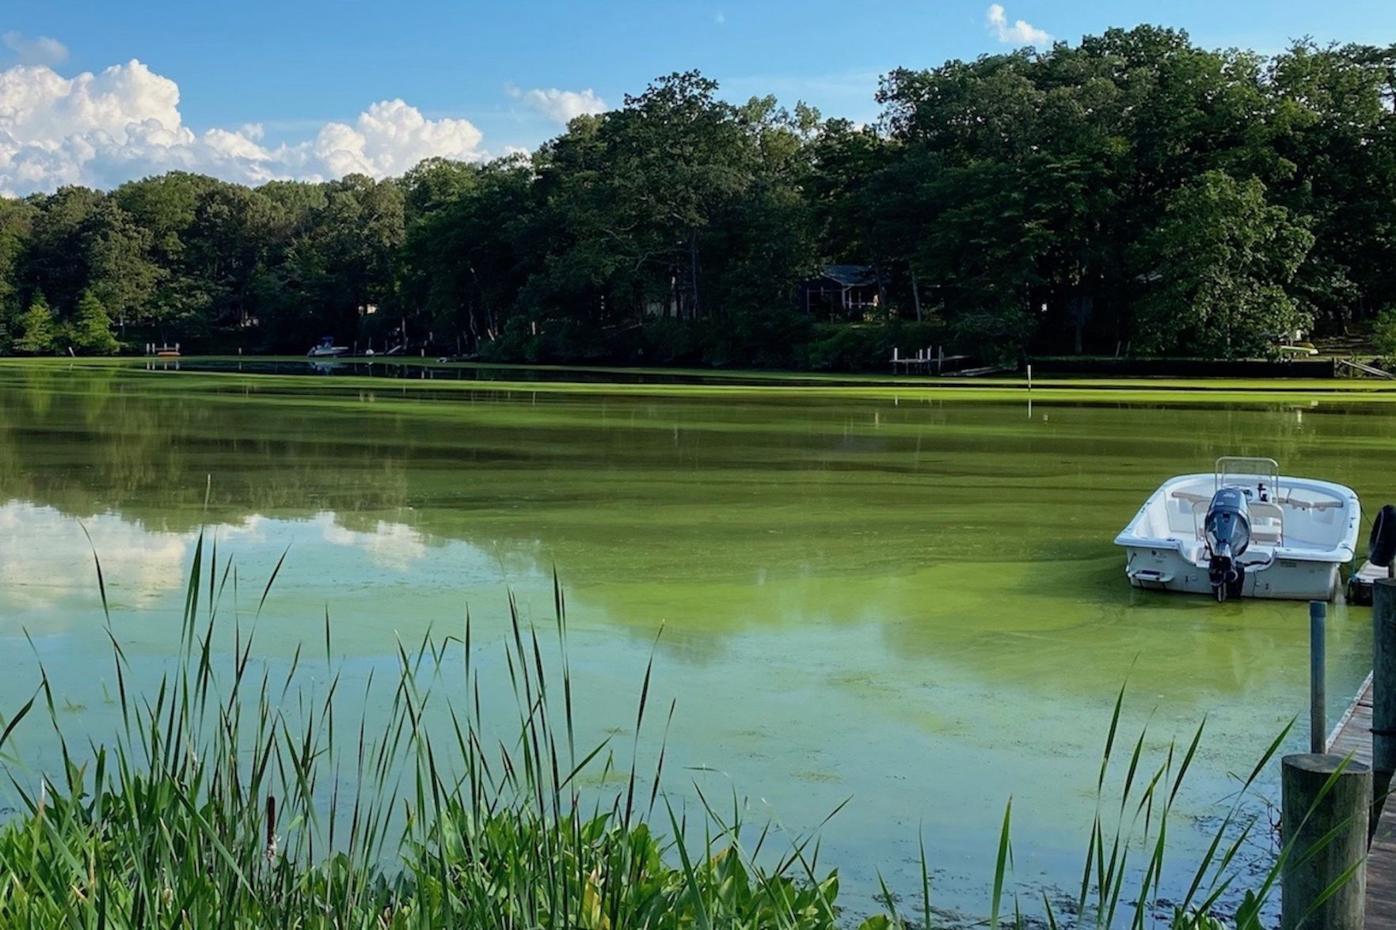 Toxic algae bloom reported in Sassafras